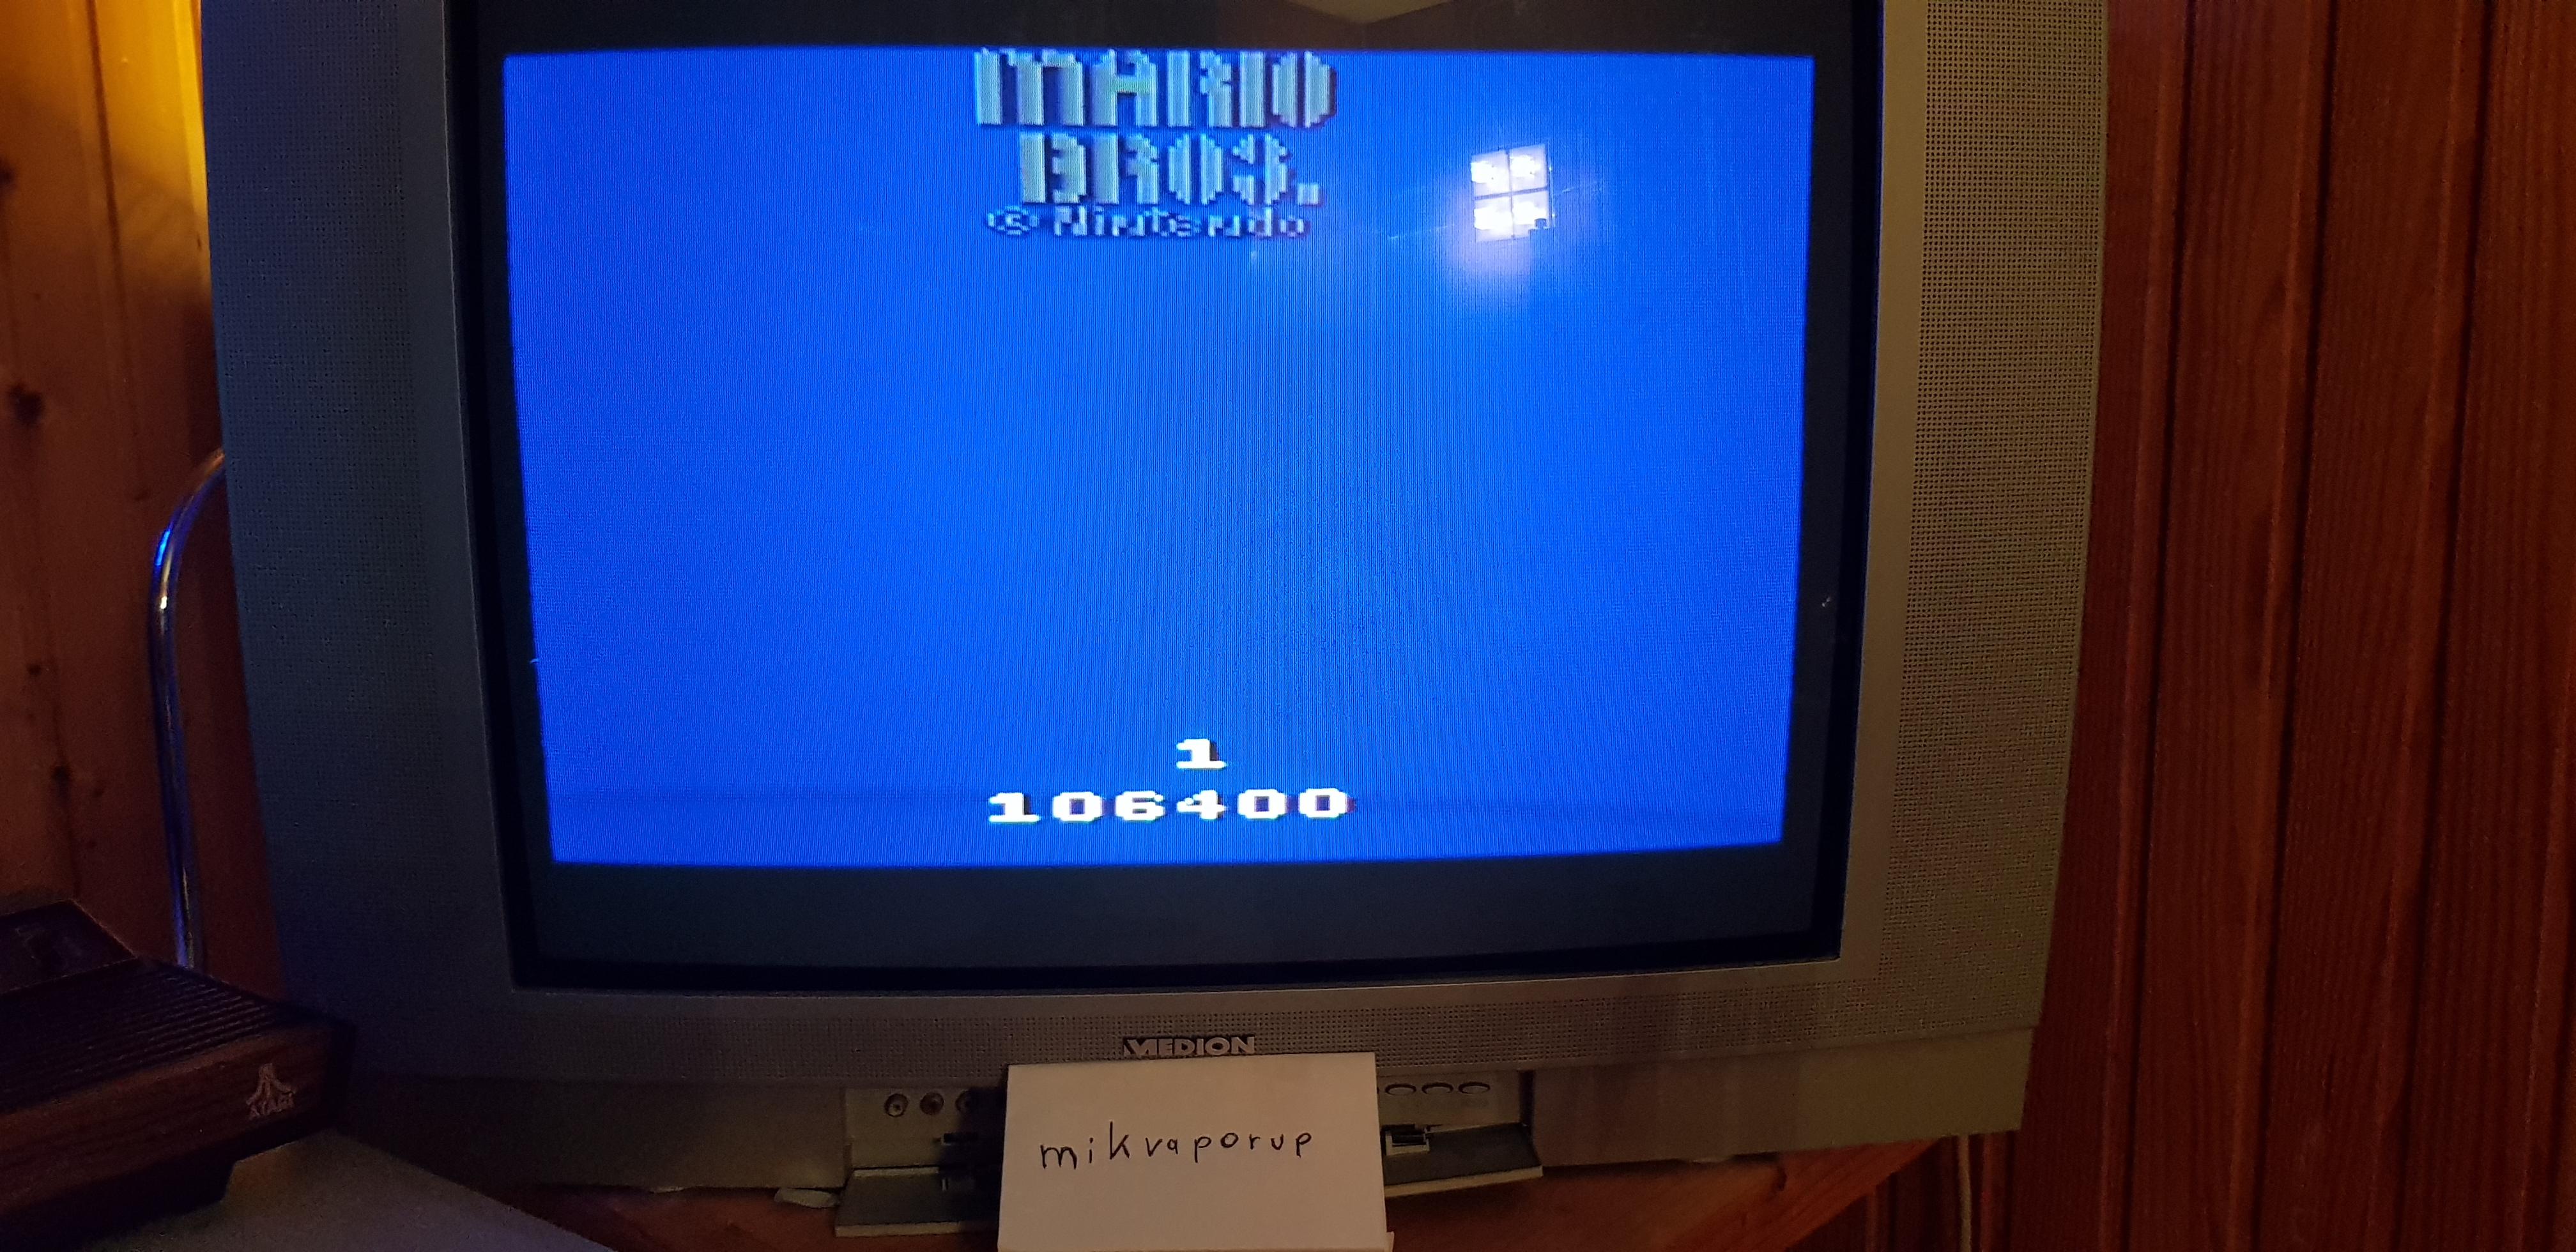 Mario Bros 106,400 points